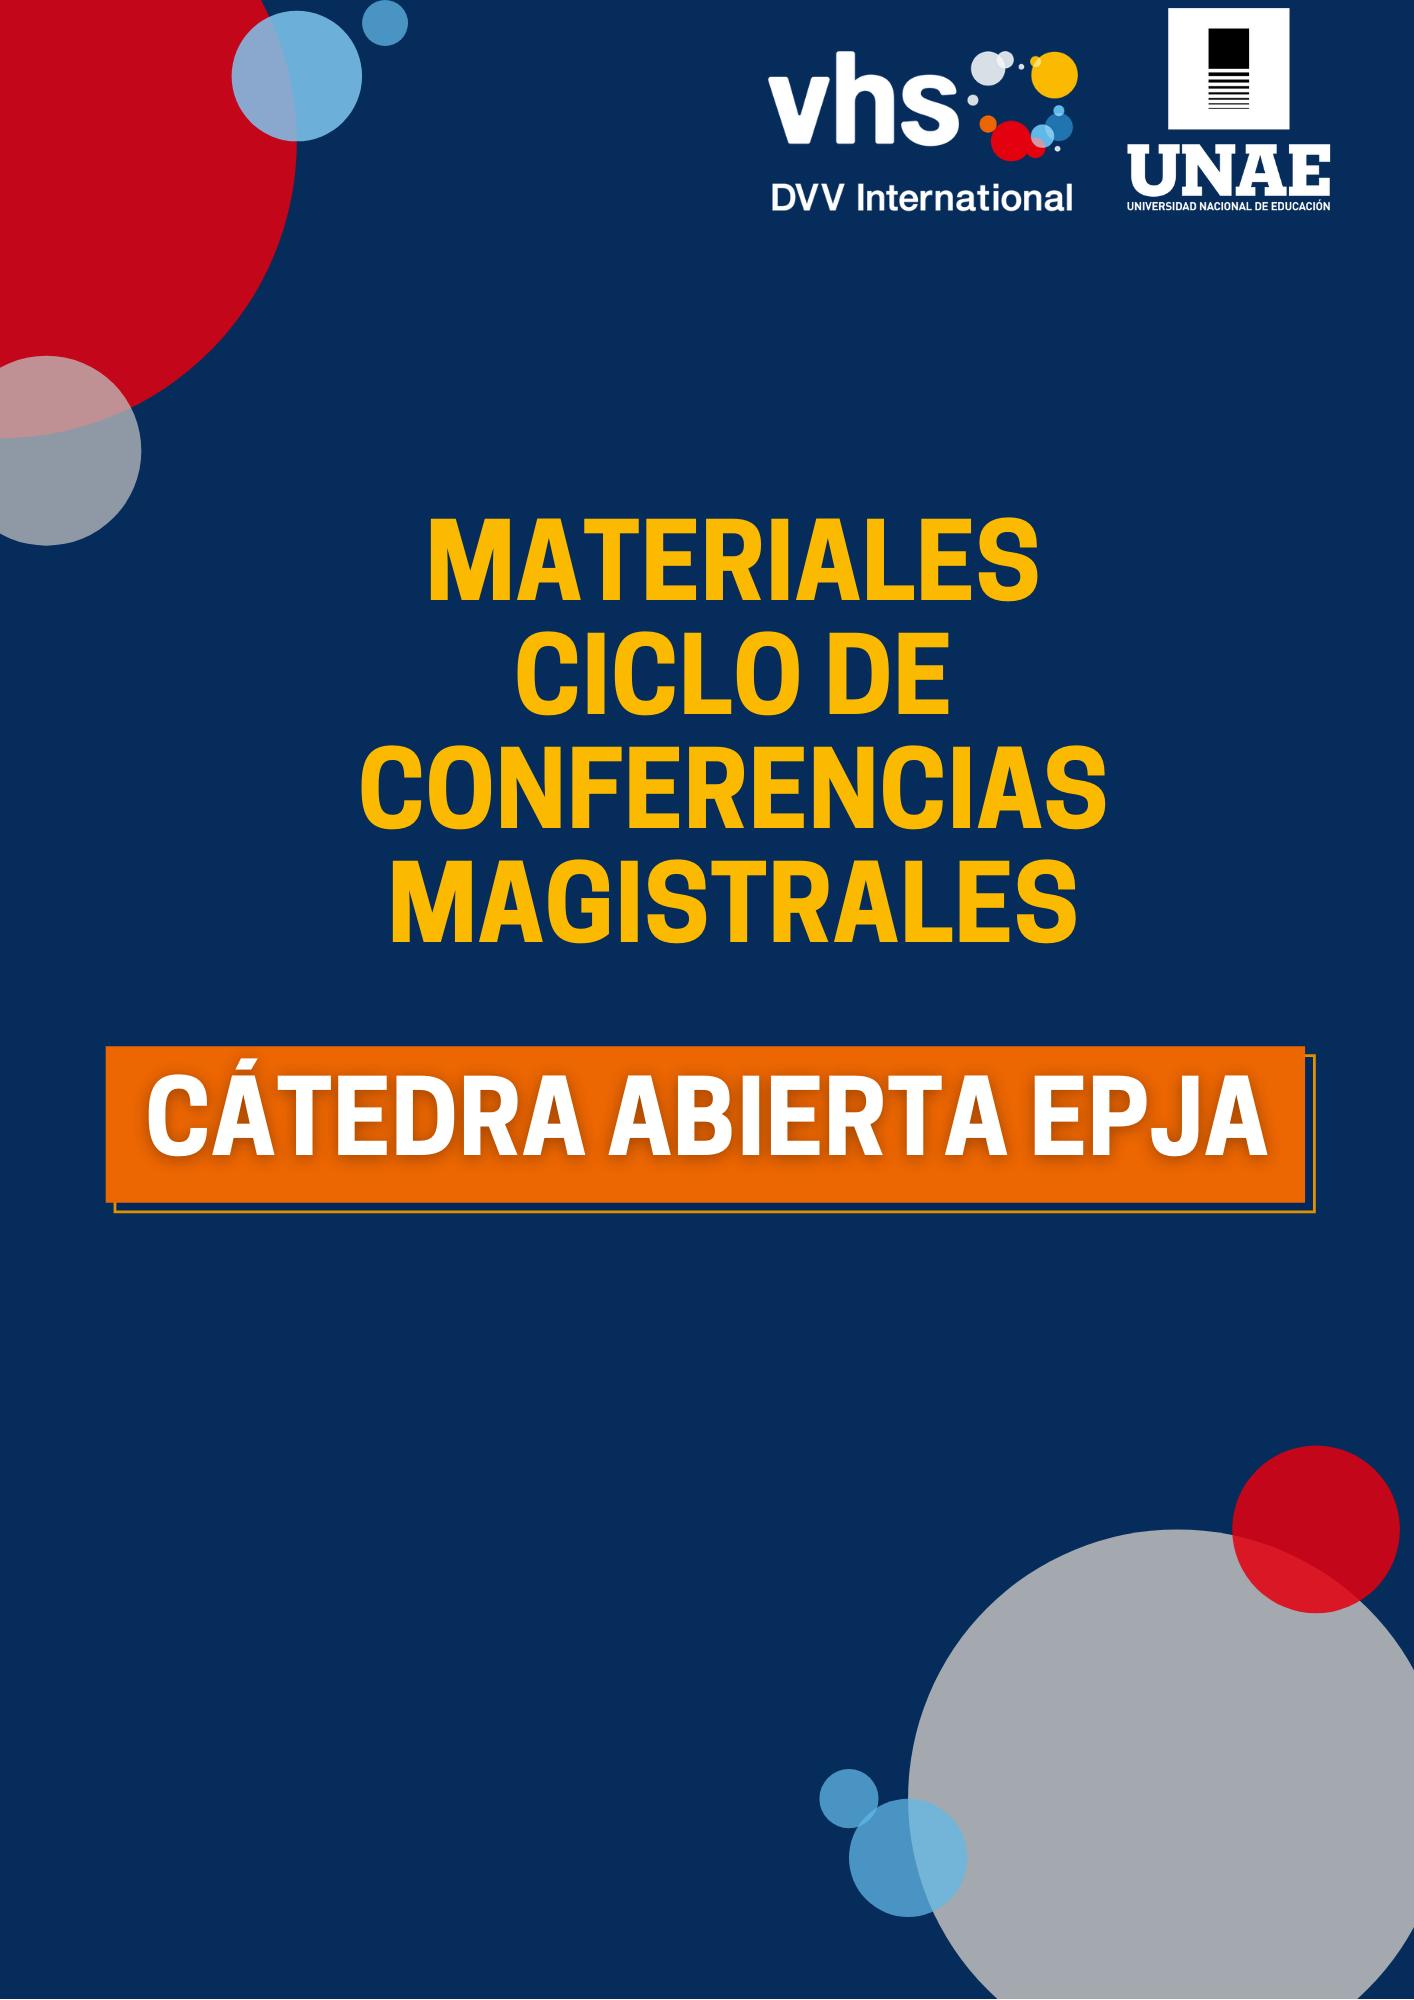 MATERIALES CICLO DE CONFERENCIAS